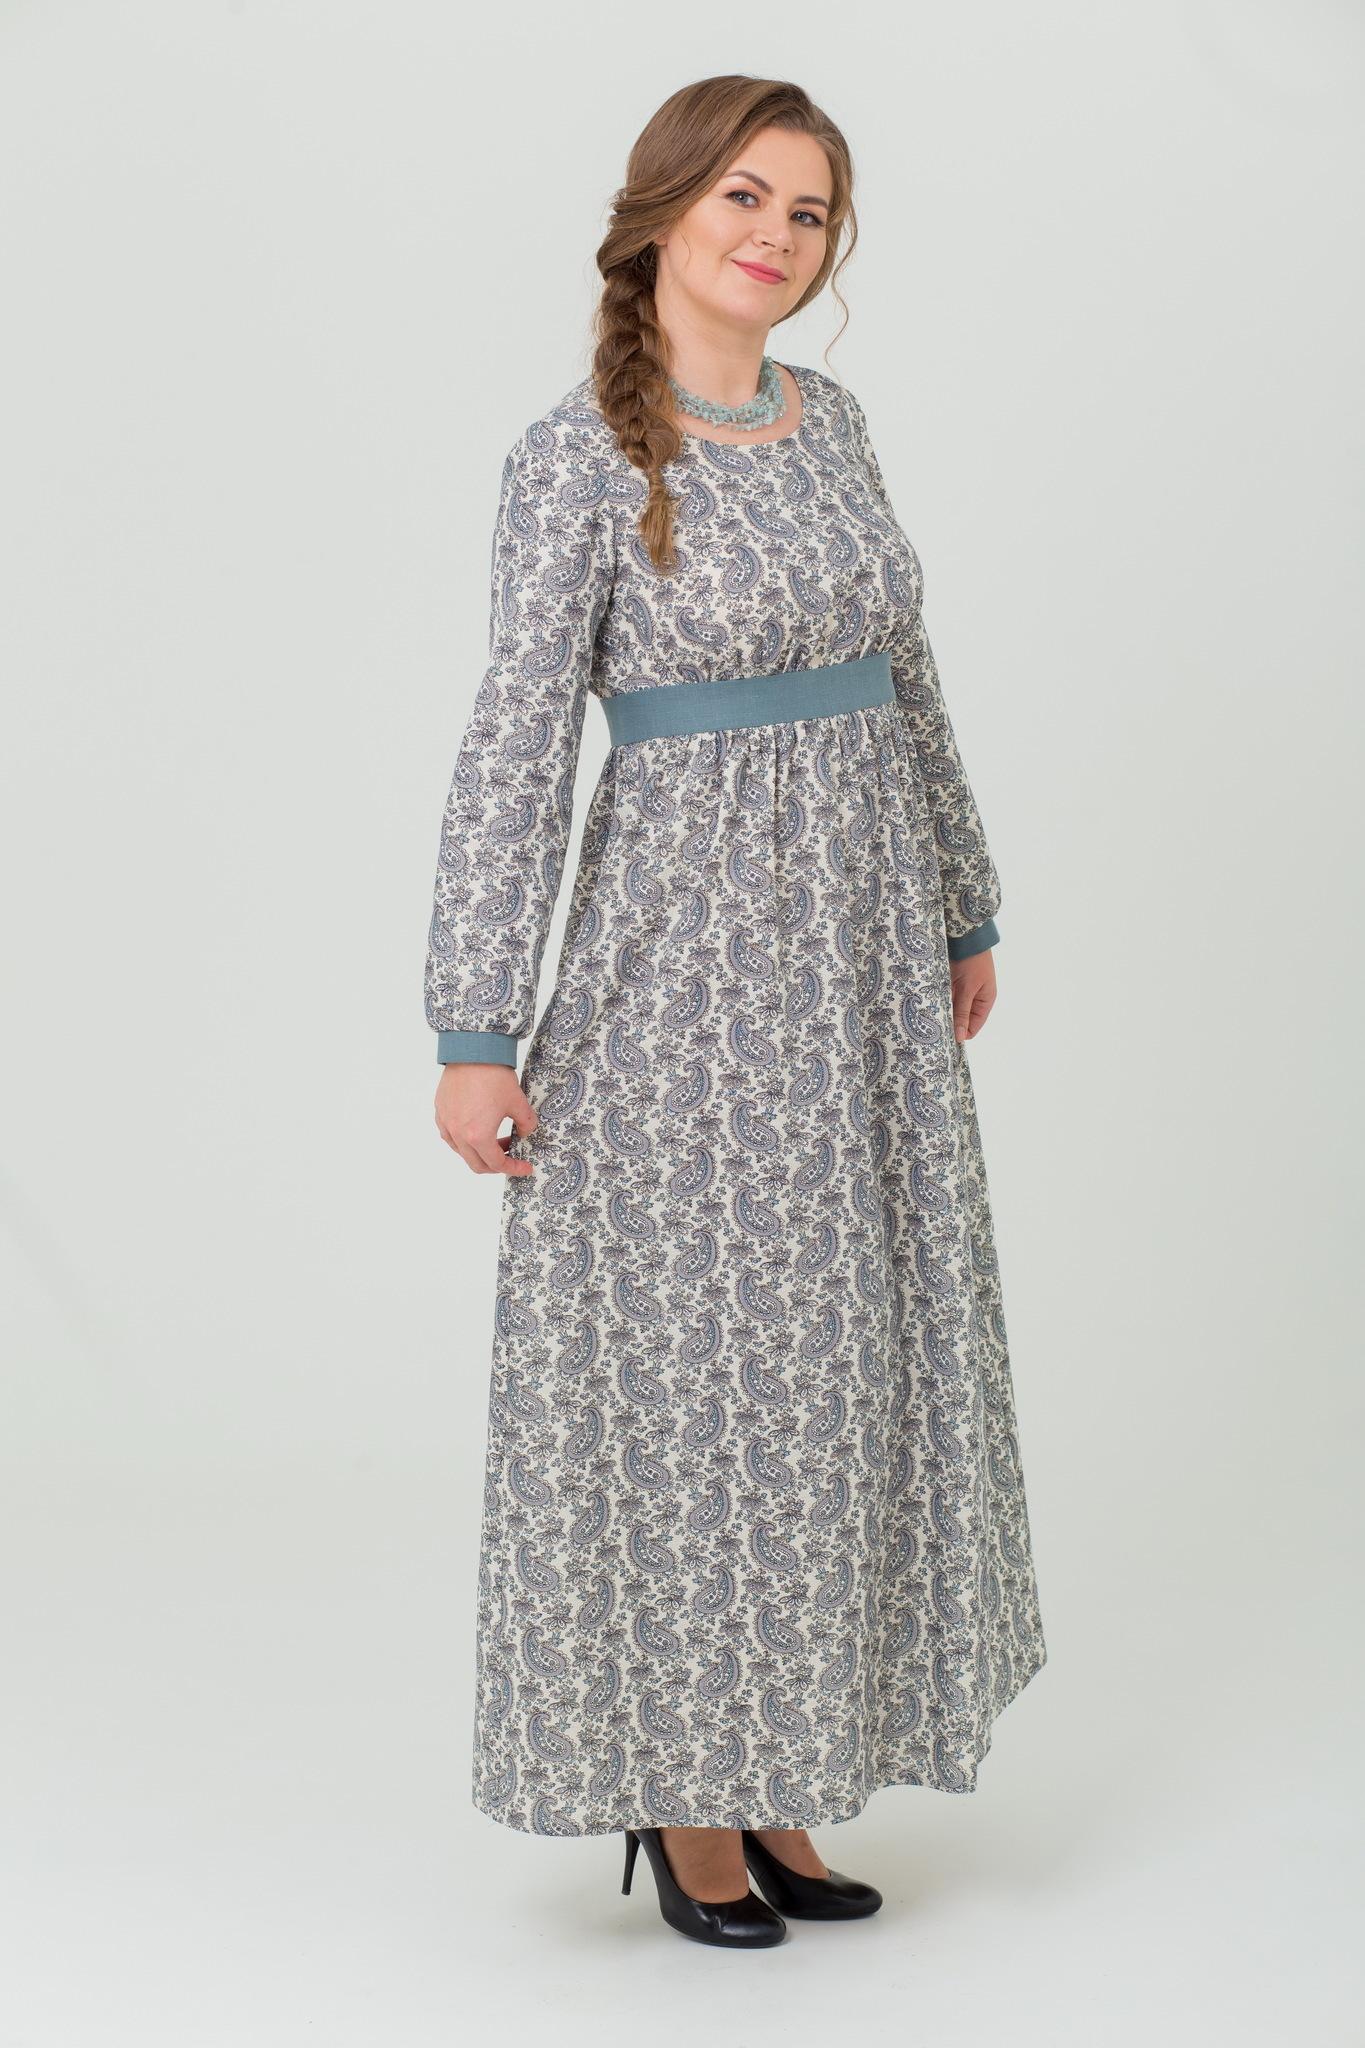 Платье льняное Славное в русском стиле